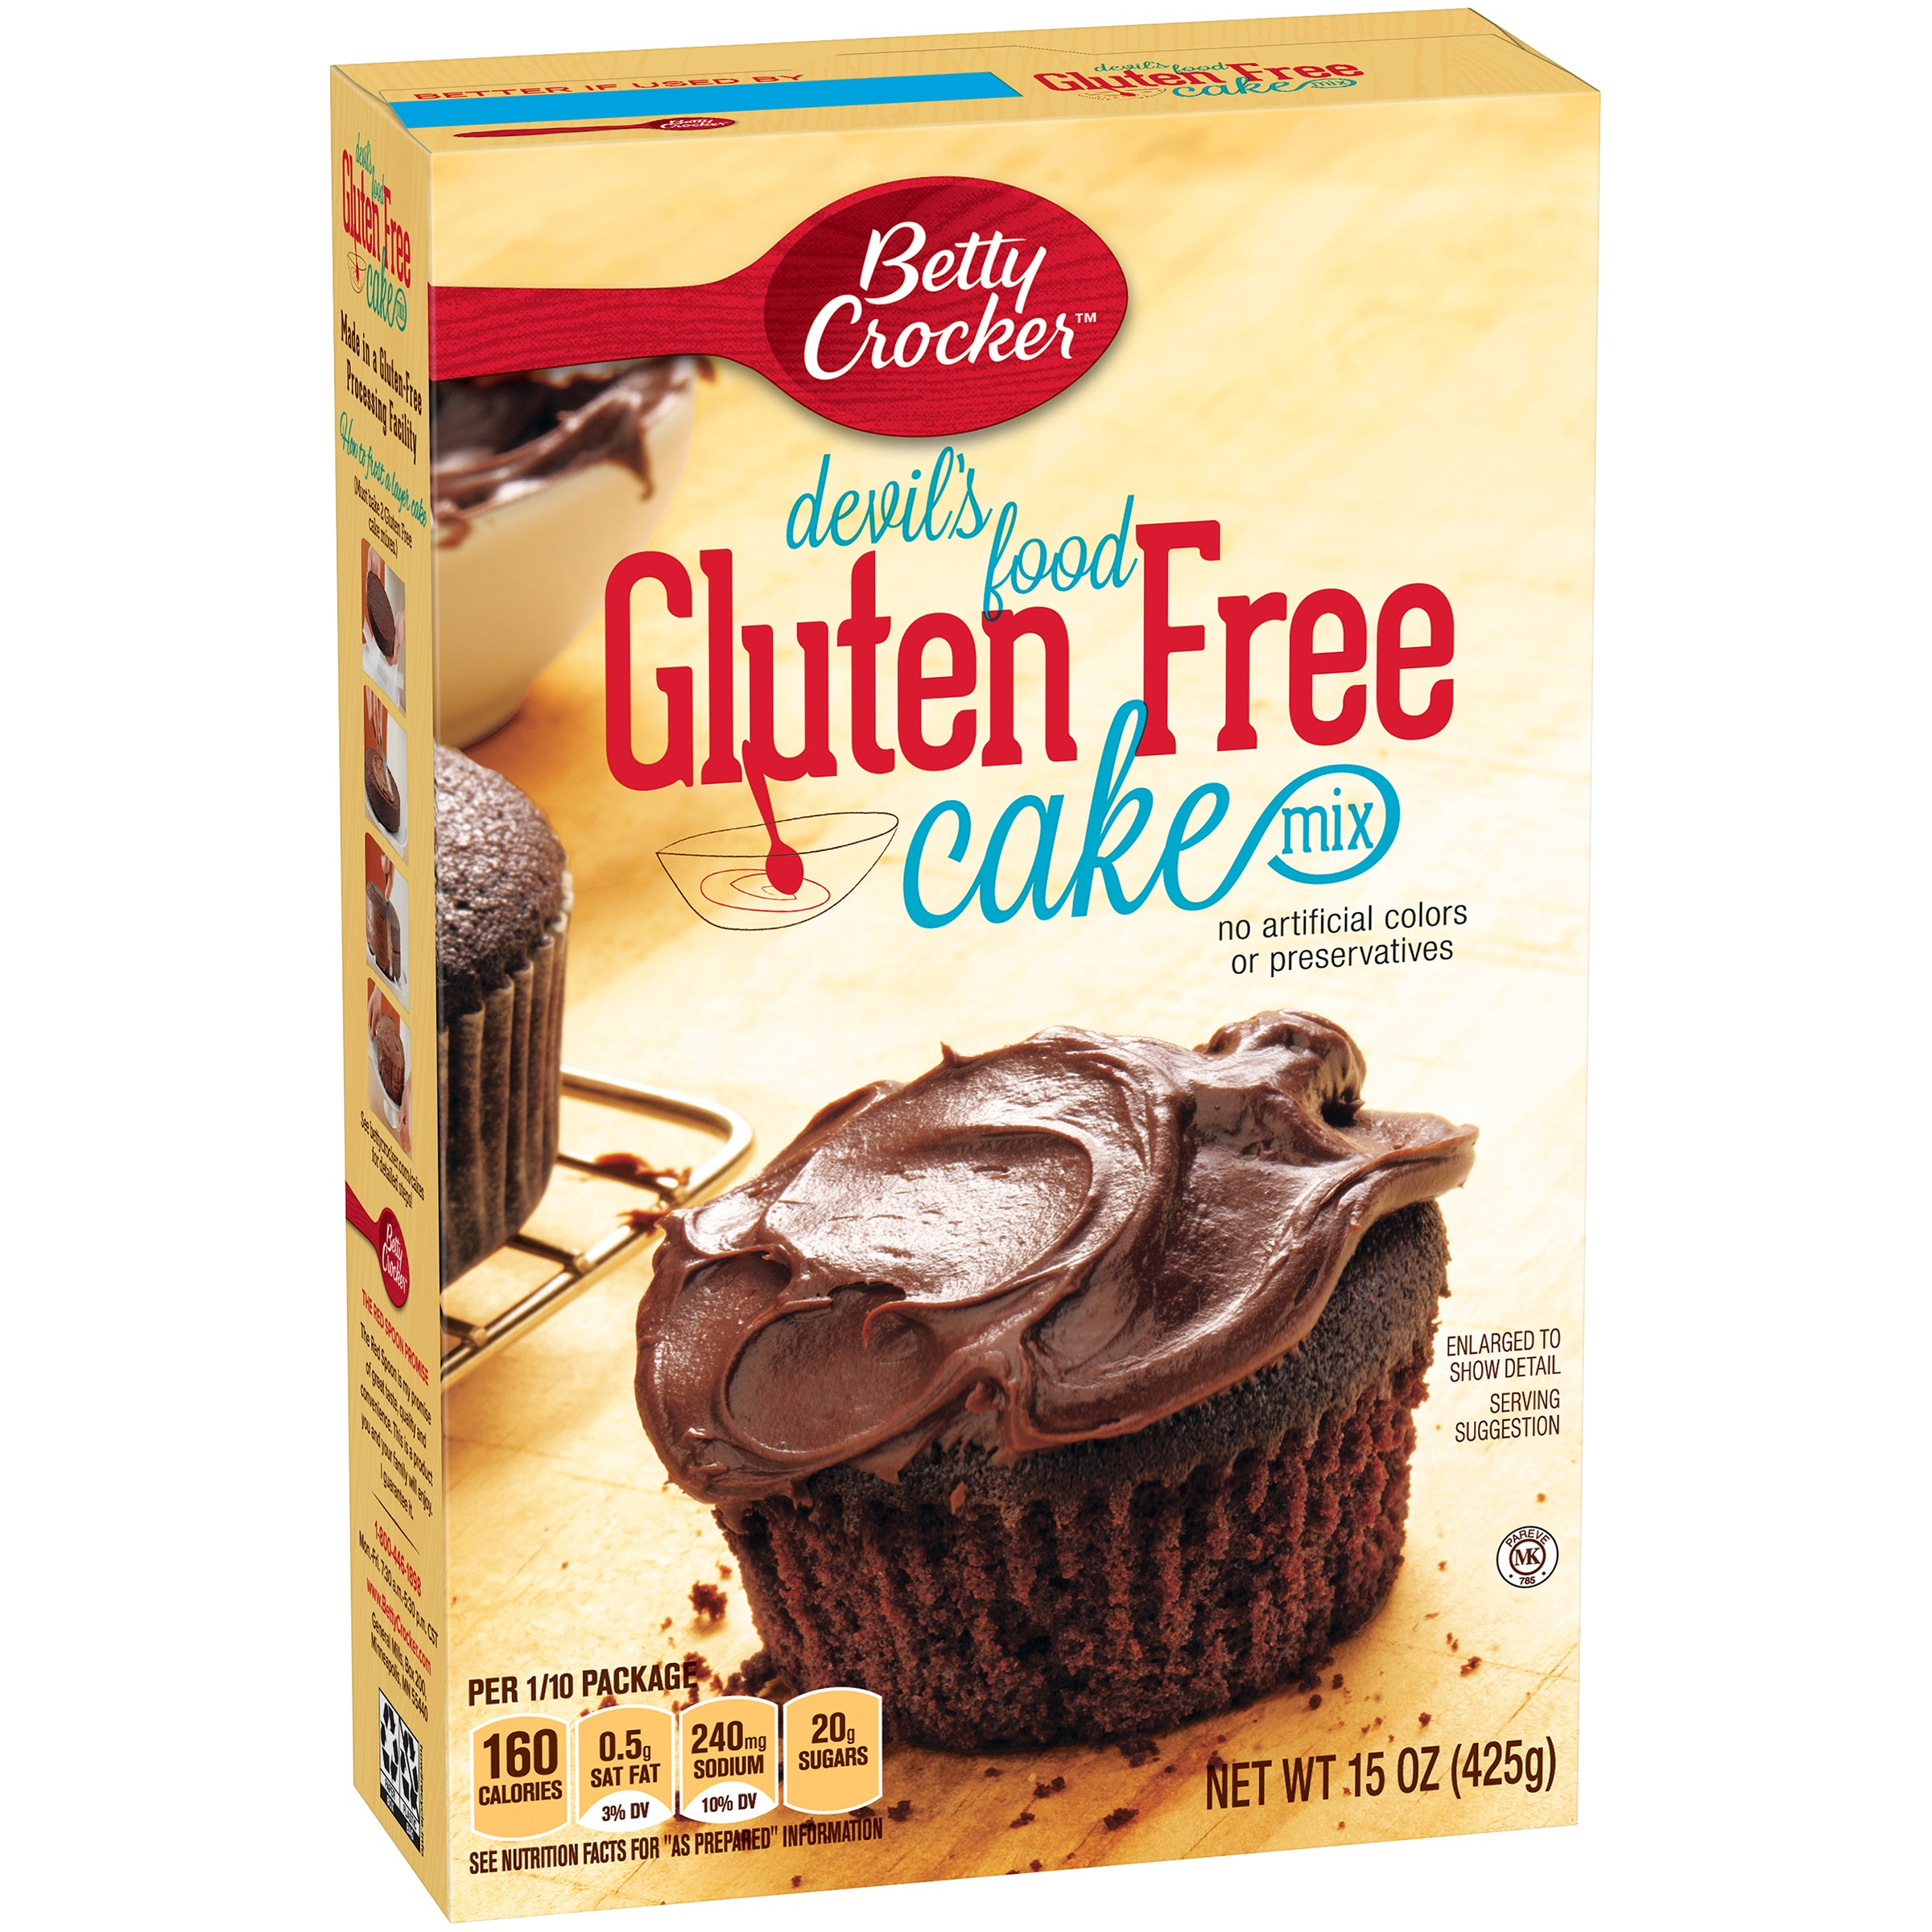 Betty Crocker Gluten Free Cake Mix Devil's Food 15.0 oz Box by General Mills Sales, Inc.